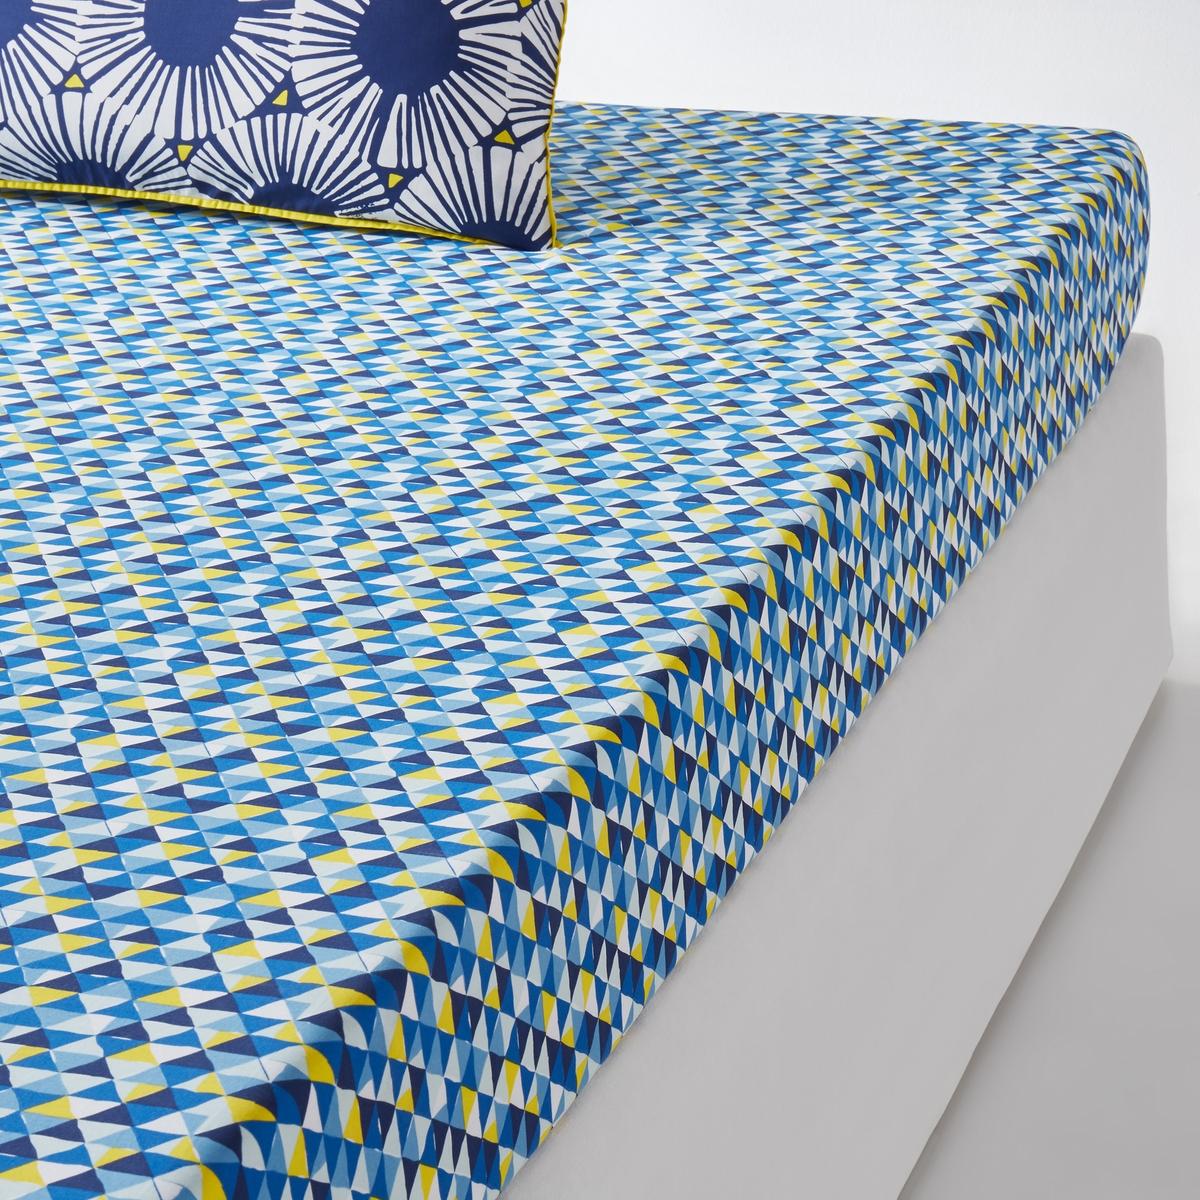 Простыня натяжная с рисунком, Blue RivieraНатяжная простыня с рисунком Blue Riviera. Натяжная простыня Blue Riviera с рисунком в виде стилизованных мотивов, сочетающихся с постельным бельем того же комплекта.Характеристики натяжной простыни Blue Riviera : Натяжная простыня с микрорисунком.100% хлопок, 57 нитей/см? : чем больше нитей/см?, тем выше качество ткани.Клапан 25 см.Легкость ухода.Машинная стирка при 60 °С.Всю коллекцию постельного белья Blue Riviera вы можете найти на сайте laredoute.ru Знак Oeko-Tex® гарантирует, что товары прошли проверку и были изготовлены без применения вредных для здоровья человека веществ.Размеры :90 x 190 см : 1-сп.140 x 190 см : 2-сп.160 x 200 см : 2-сп.180 x 200 см : 2-сп.<br><br>Цвет: белый/синий/желтый<br>Размер: 90 x 190  см.160 x 200  см